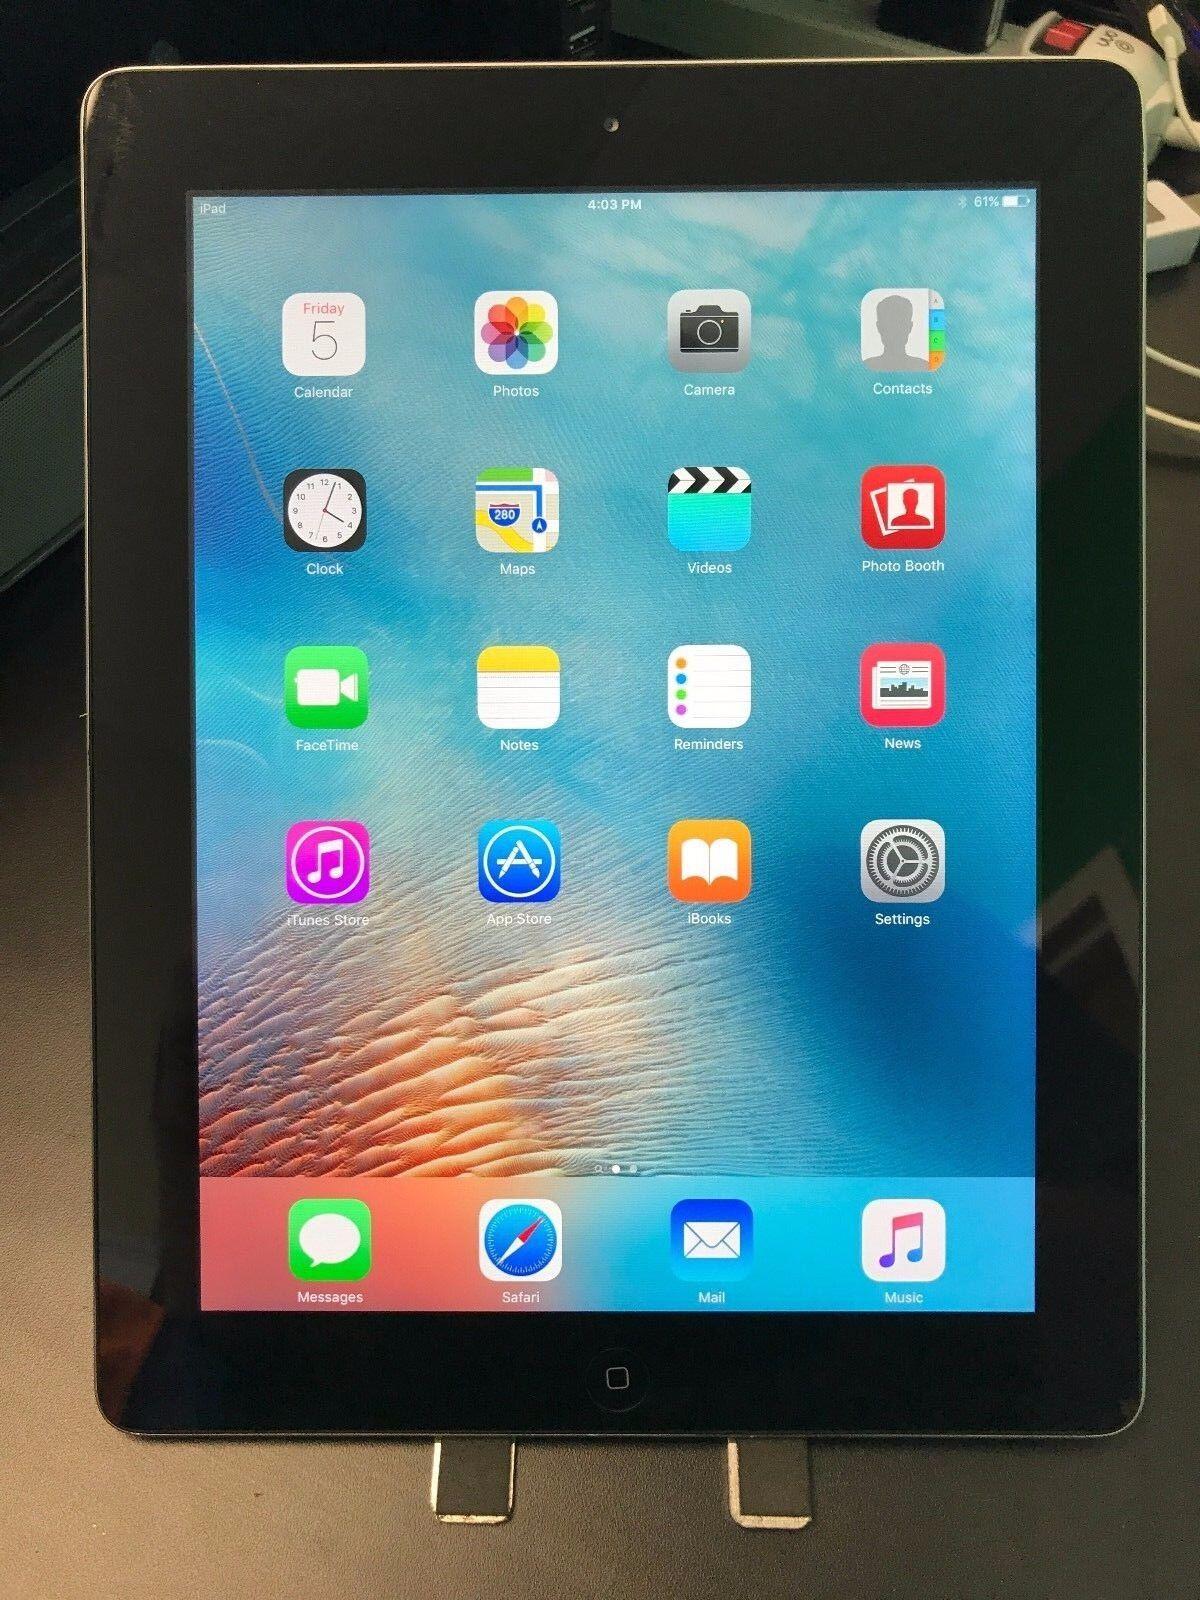 Apple iPad 4 - Certified Refurbished (Lot of 10) (Black, 16GB, Wifi)